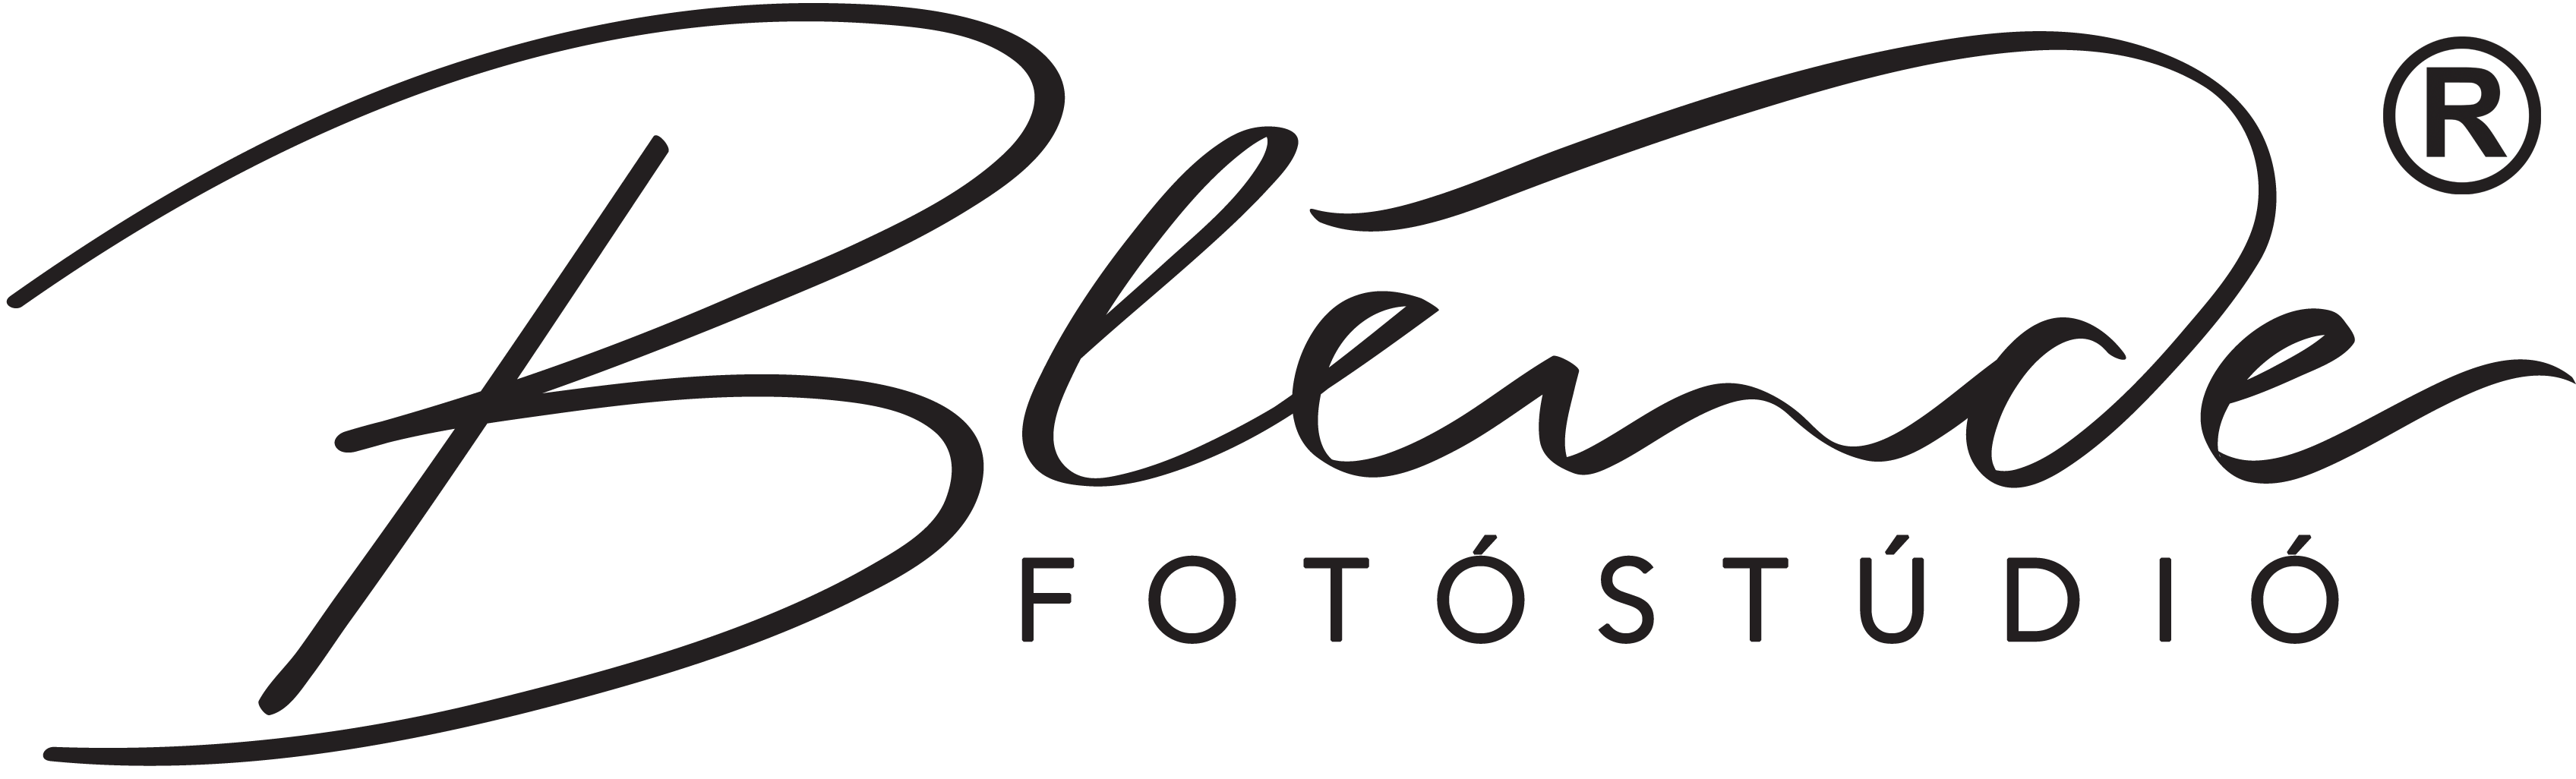 Blende photostudio